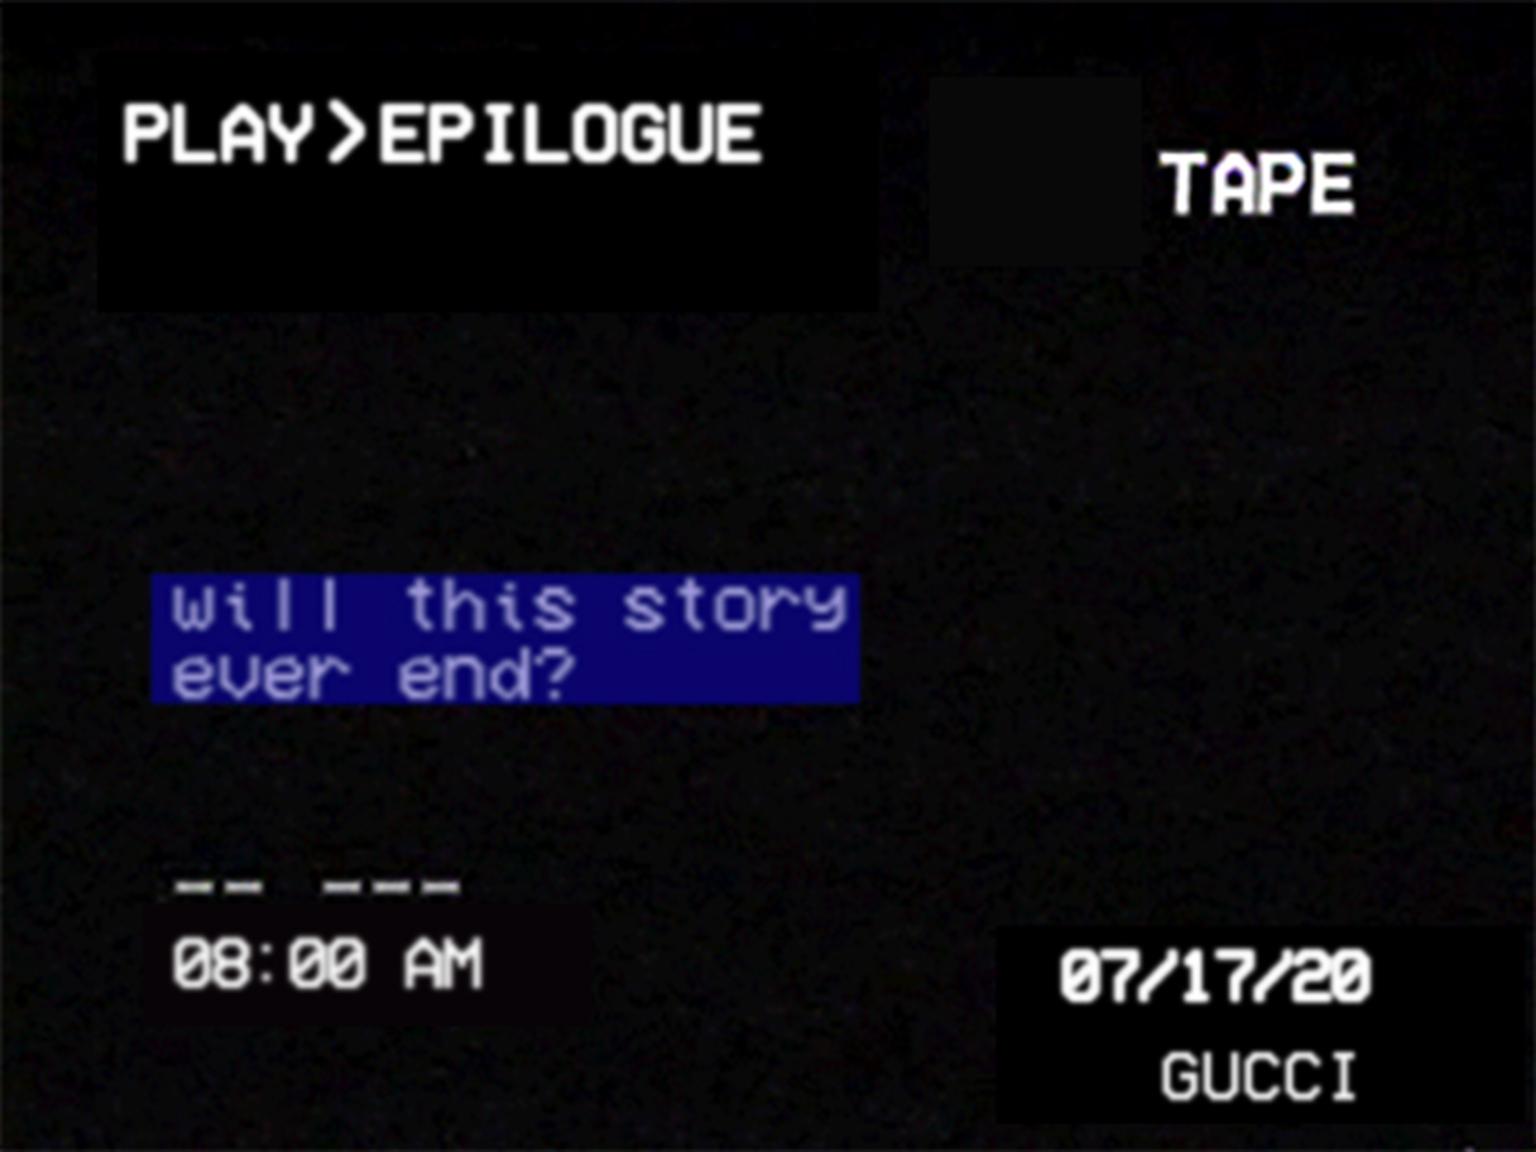 BST Epilogue của Gucci và giám đốc sáng tạo Alessandro Michele khởi đầu một xã hội mới